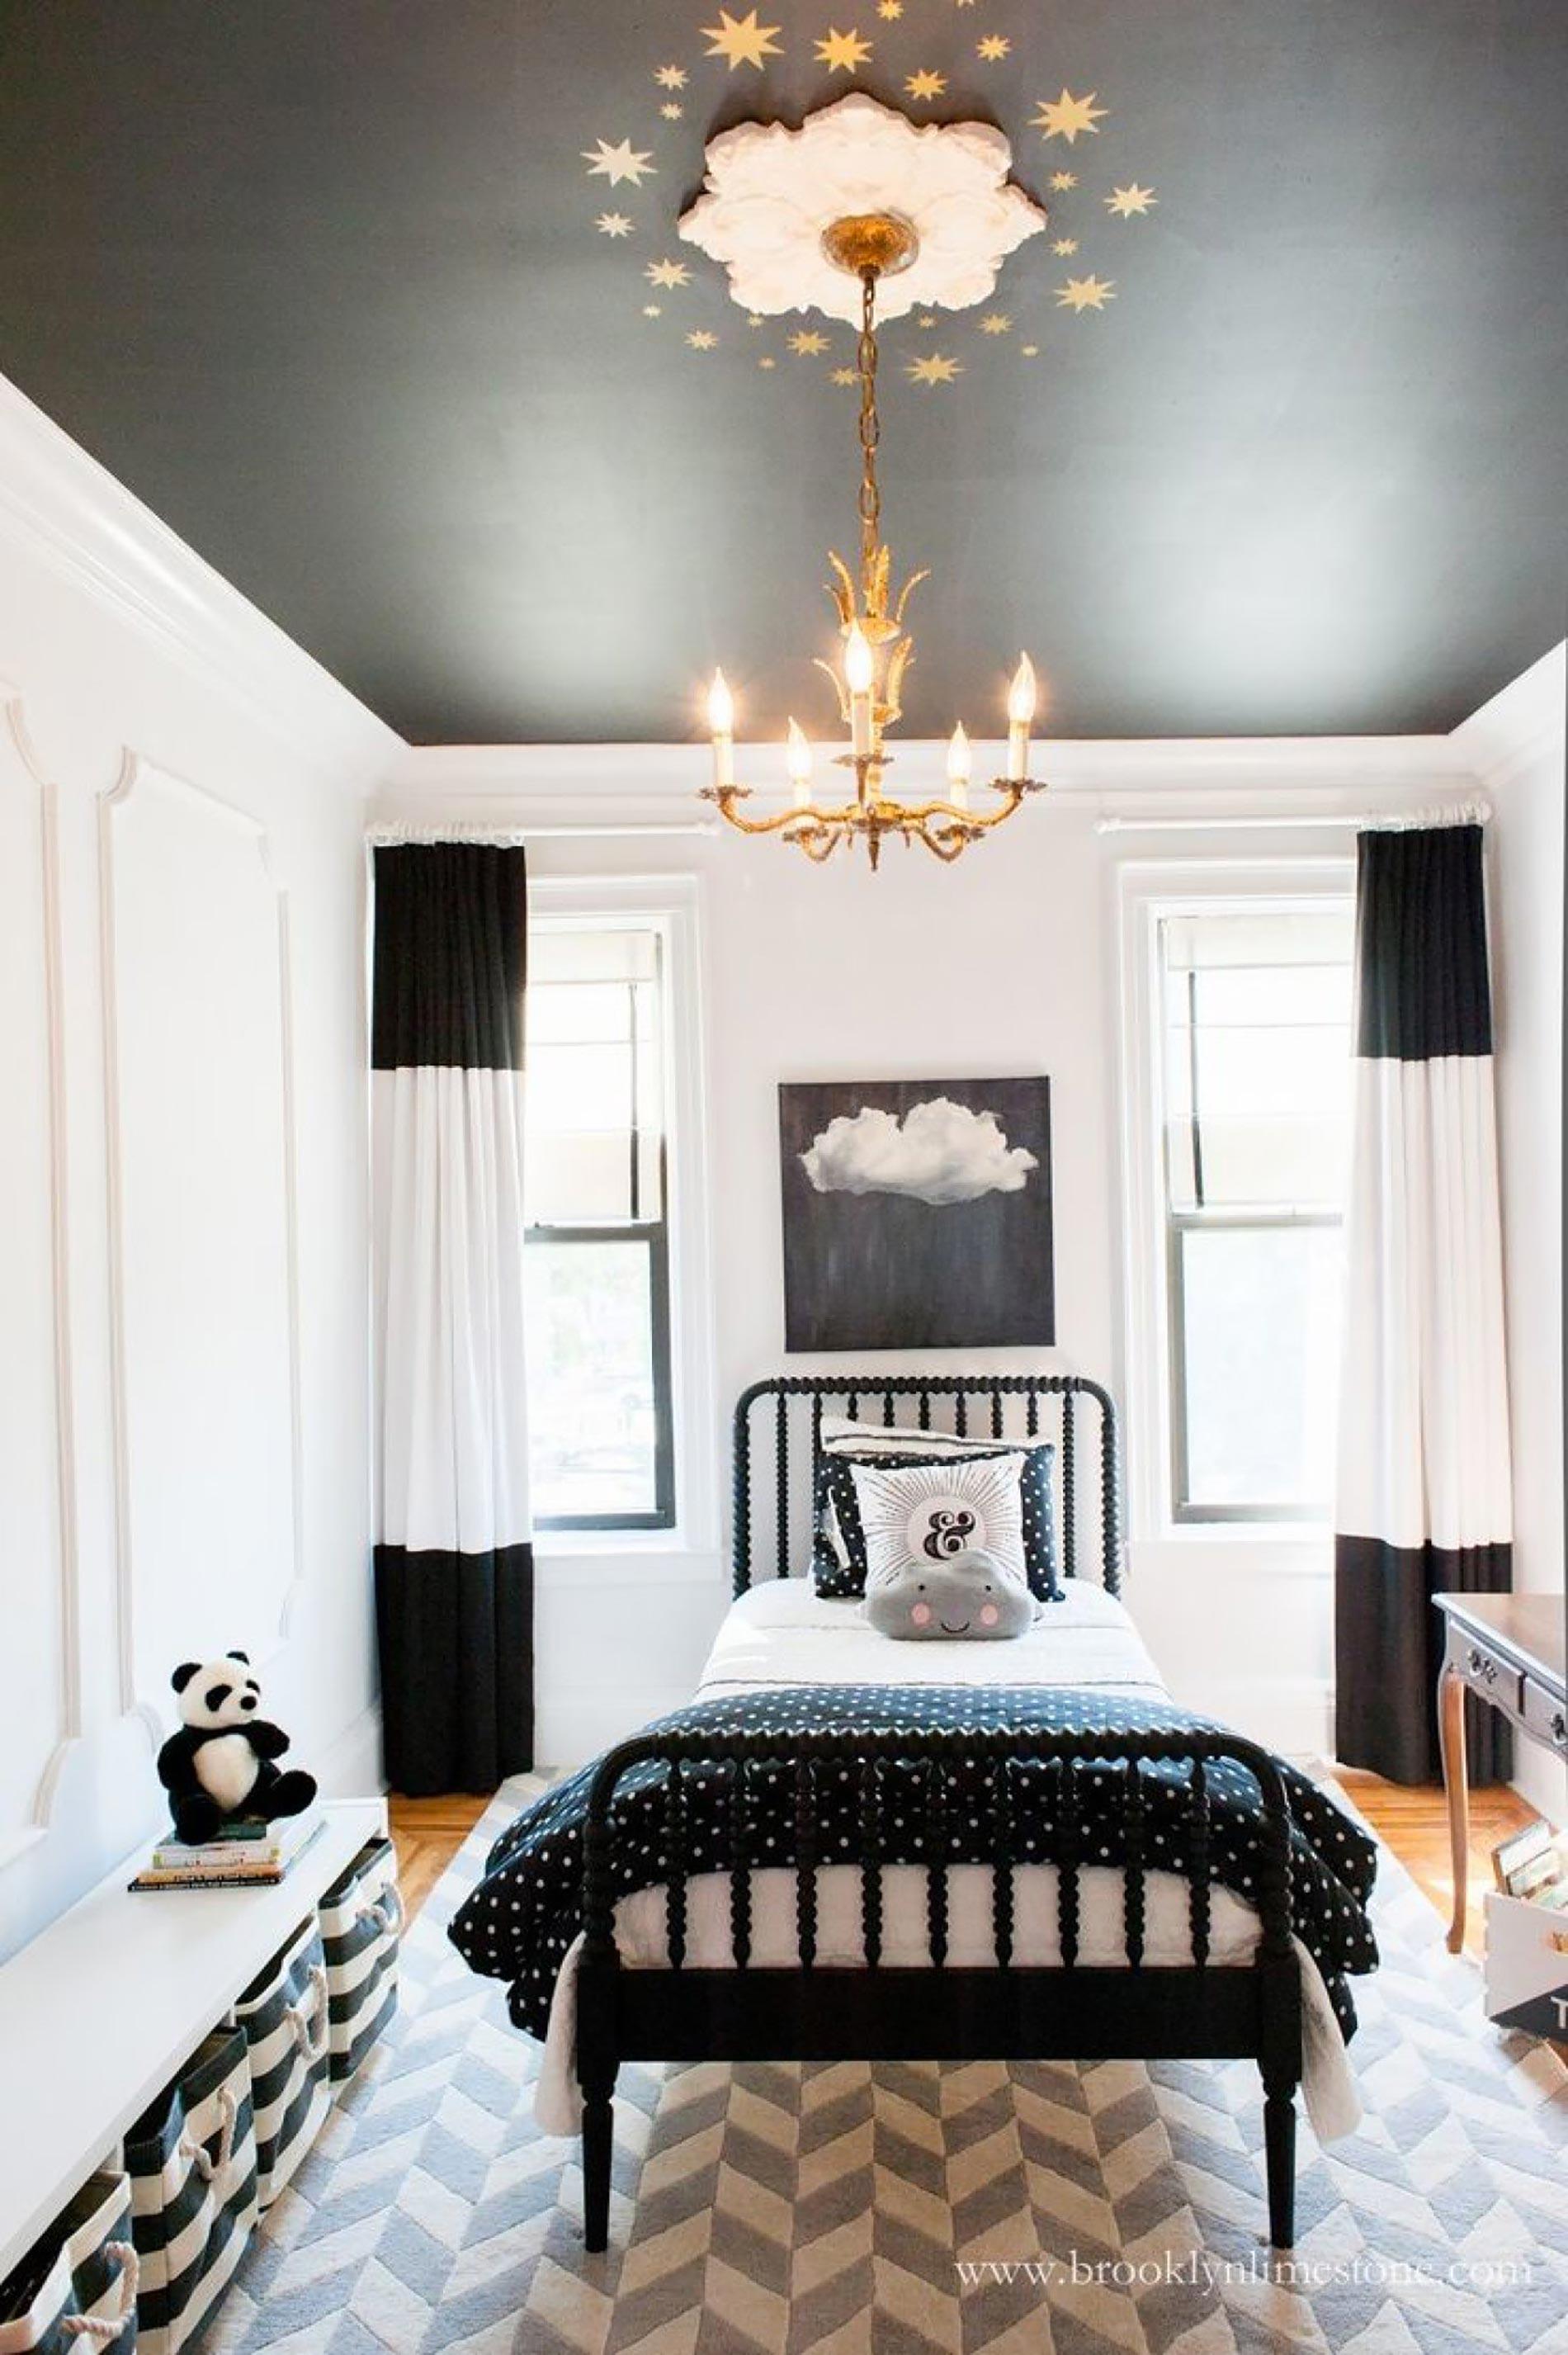 soffitto colorato ispirazioni soffitto nero soffitti colorati